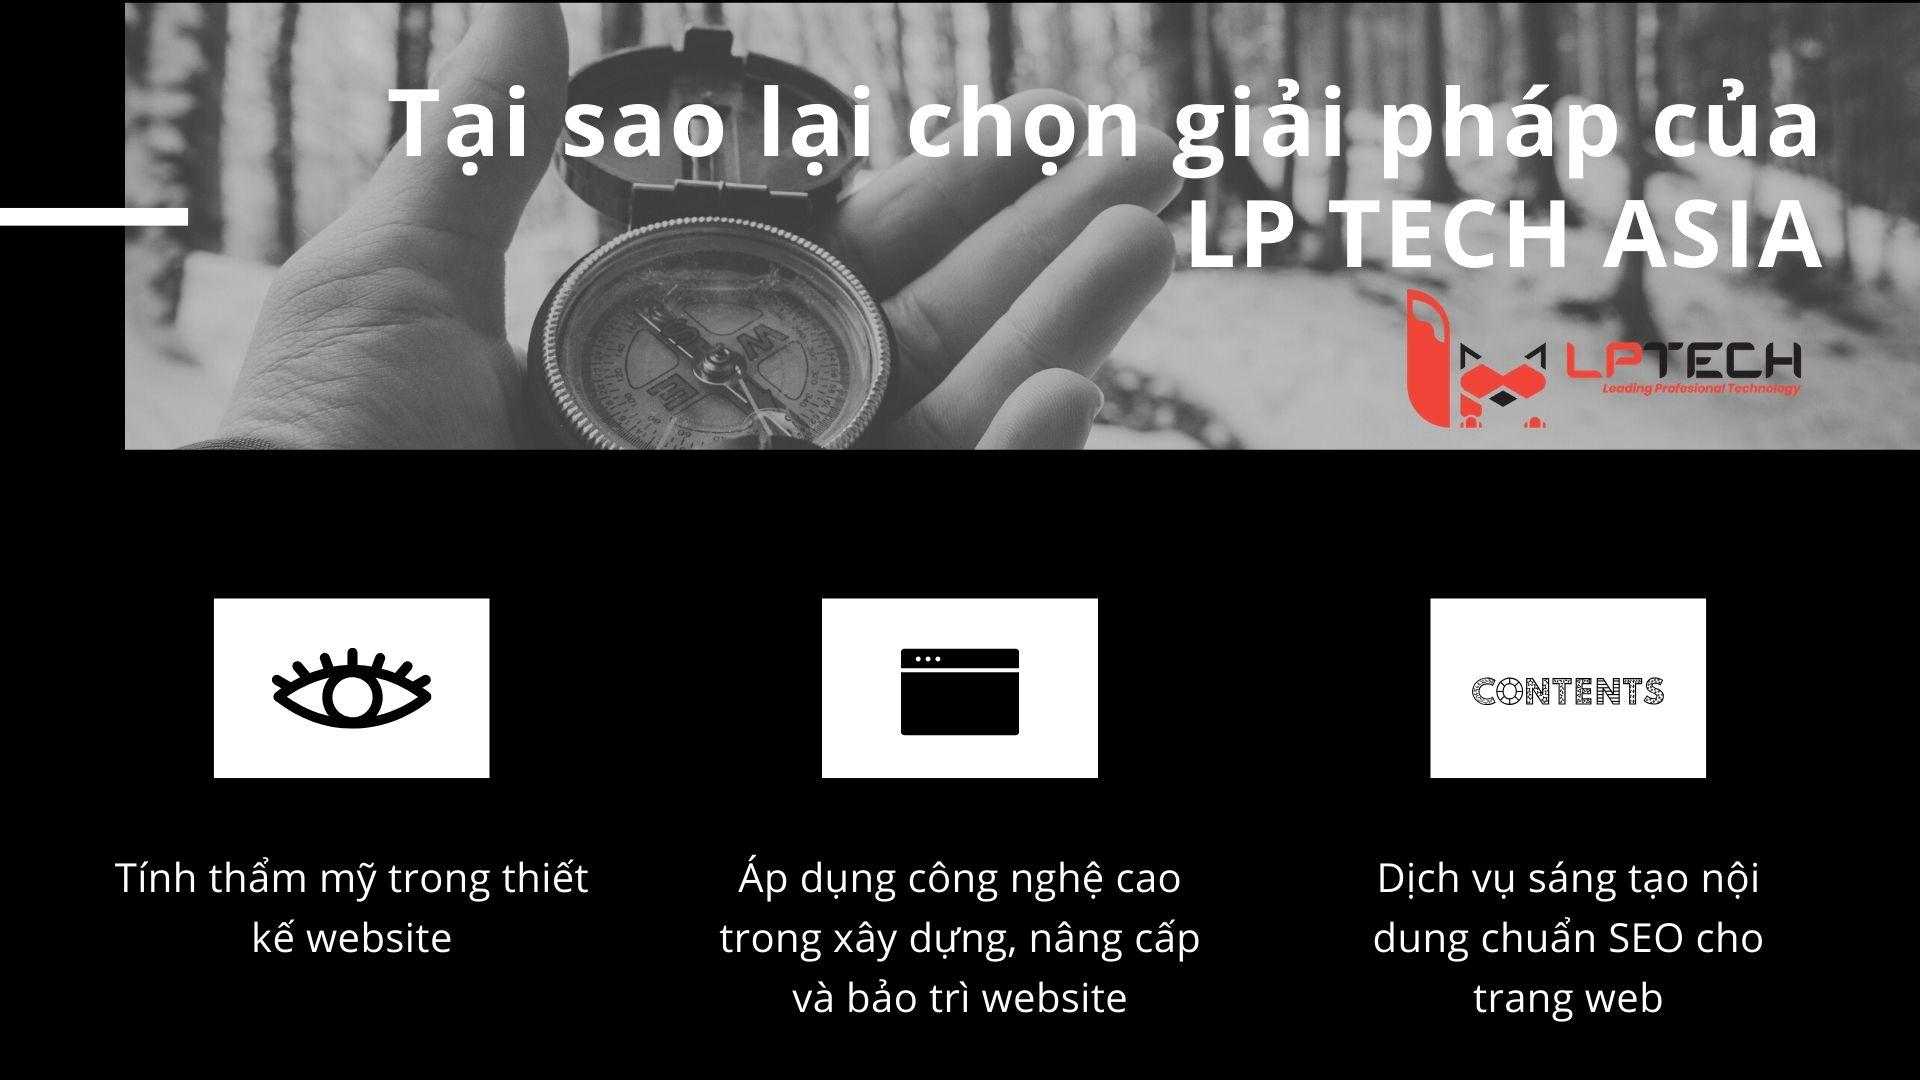 LP Tech giúp doanh nghiệp của bạn thiết kế và bảo trì website chuyên nghiệp nhất